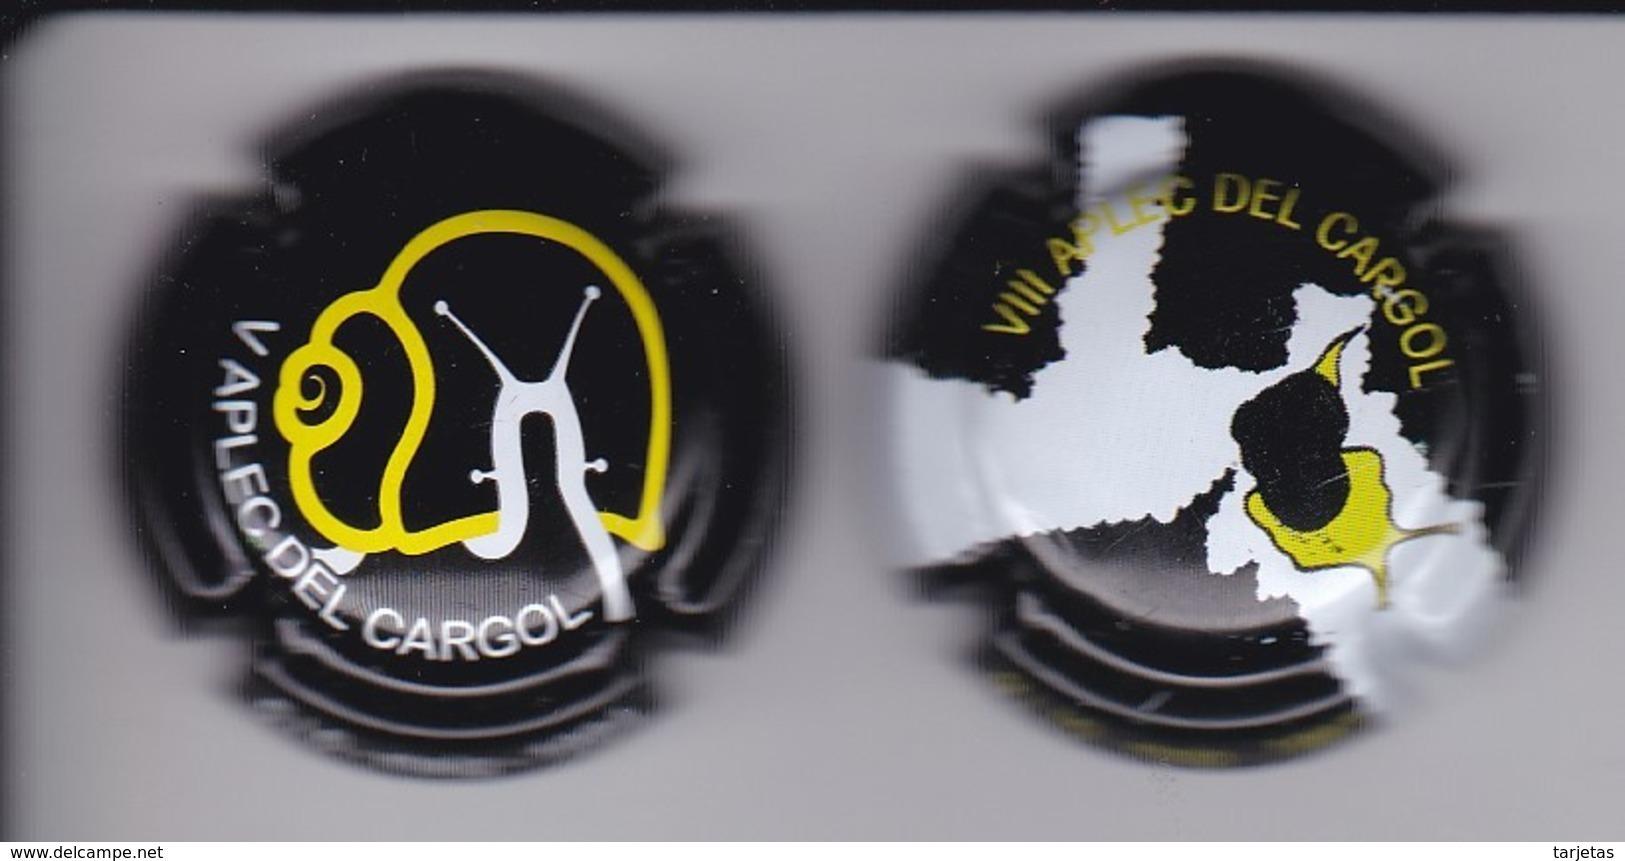 LOTE DE 2 PLACAS DE CAVA DEL APLEC DEL CARGOL DE LLEIDA (CAPSULE) CARACOL-ESCARGOT-SNAIL - Placas De Cava